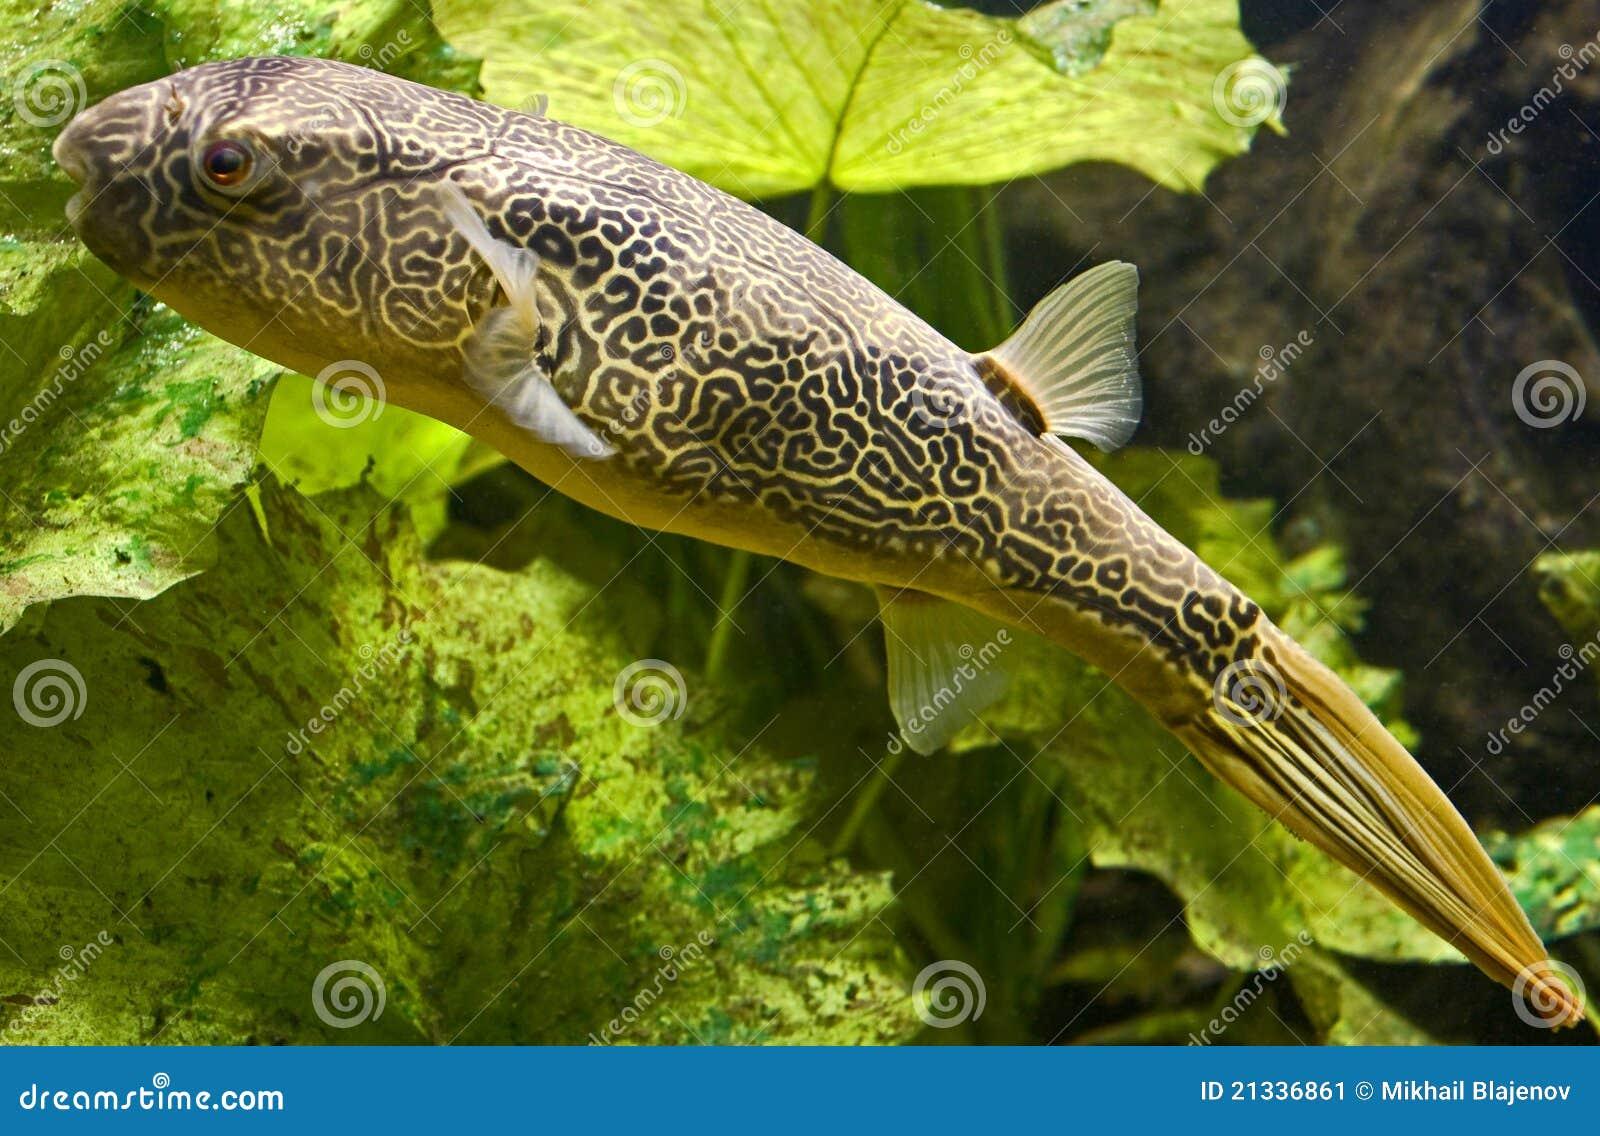 Pesce palla d 39 acqua dolce 5 immagine stock immagine di for Pesci tropicali acqua dolce